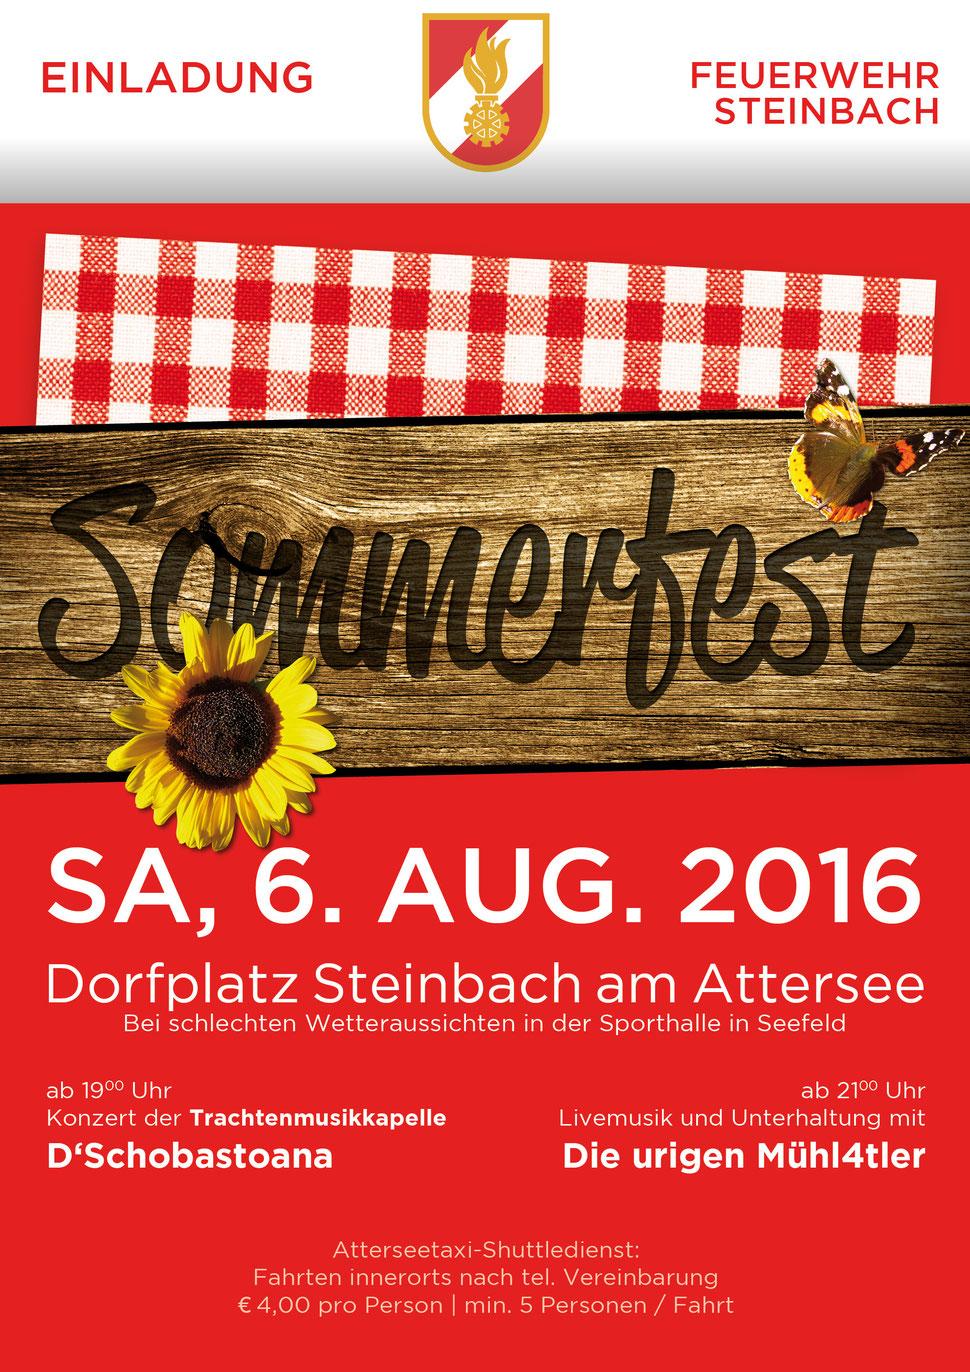 Sommerfest der Feuerwehr Steinbach am Attersee